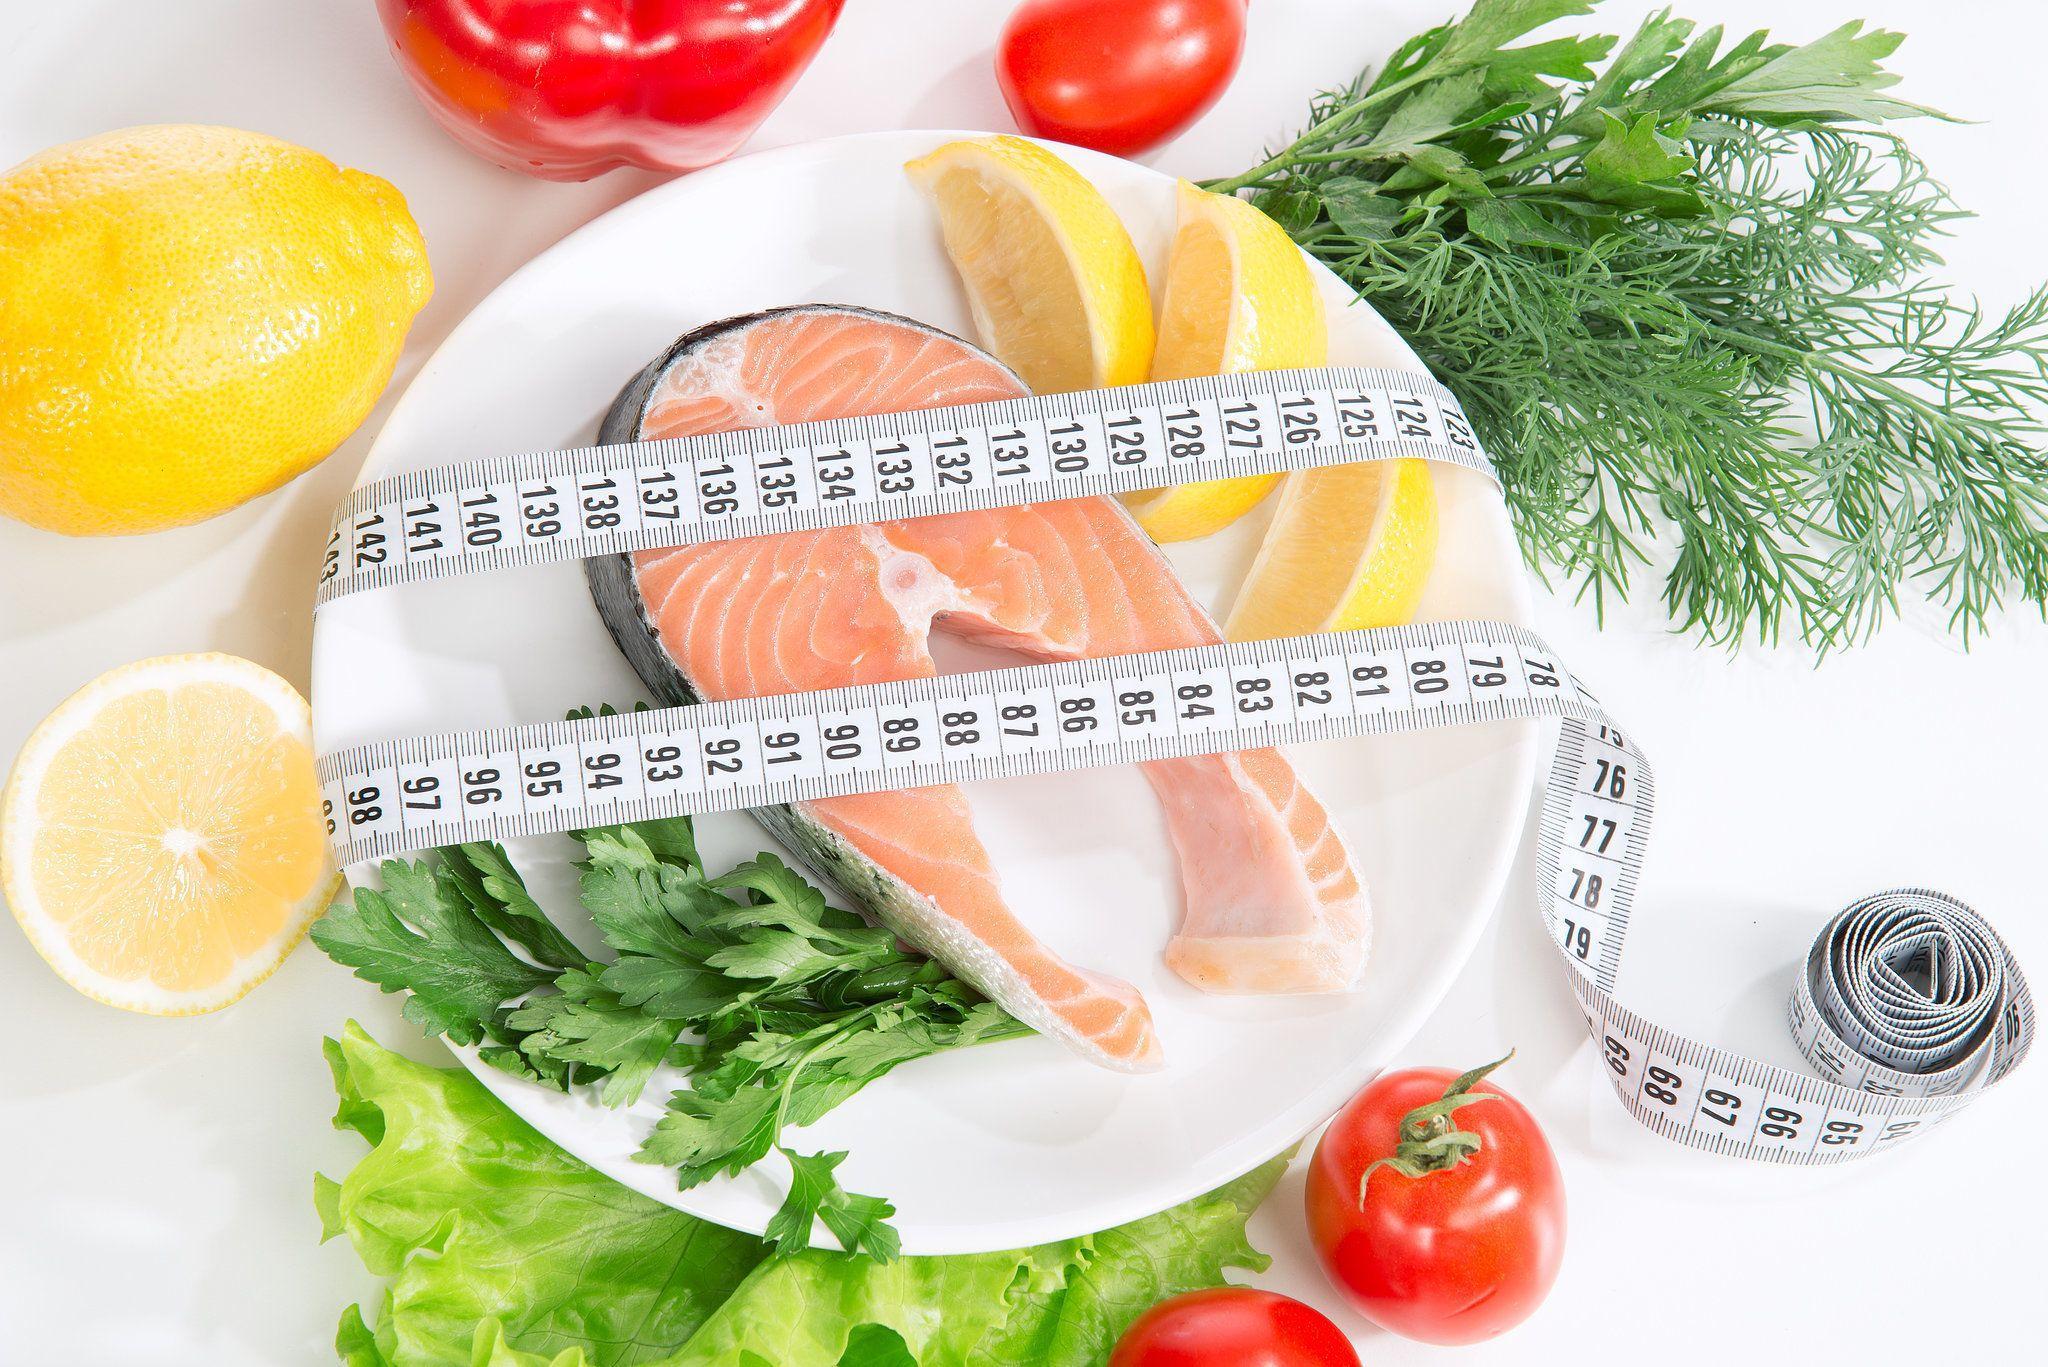 Пять простых правил здорового питания